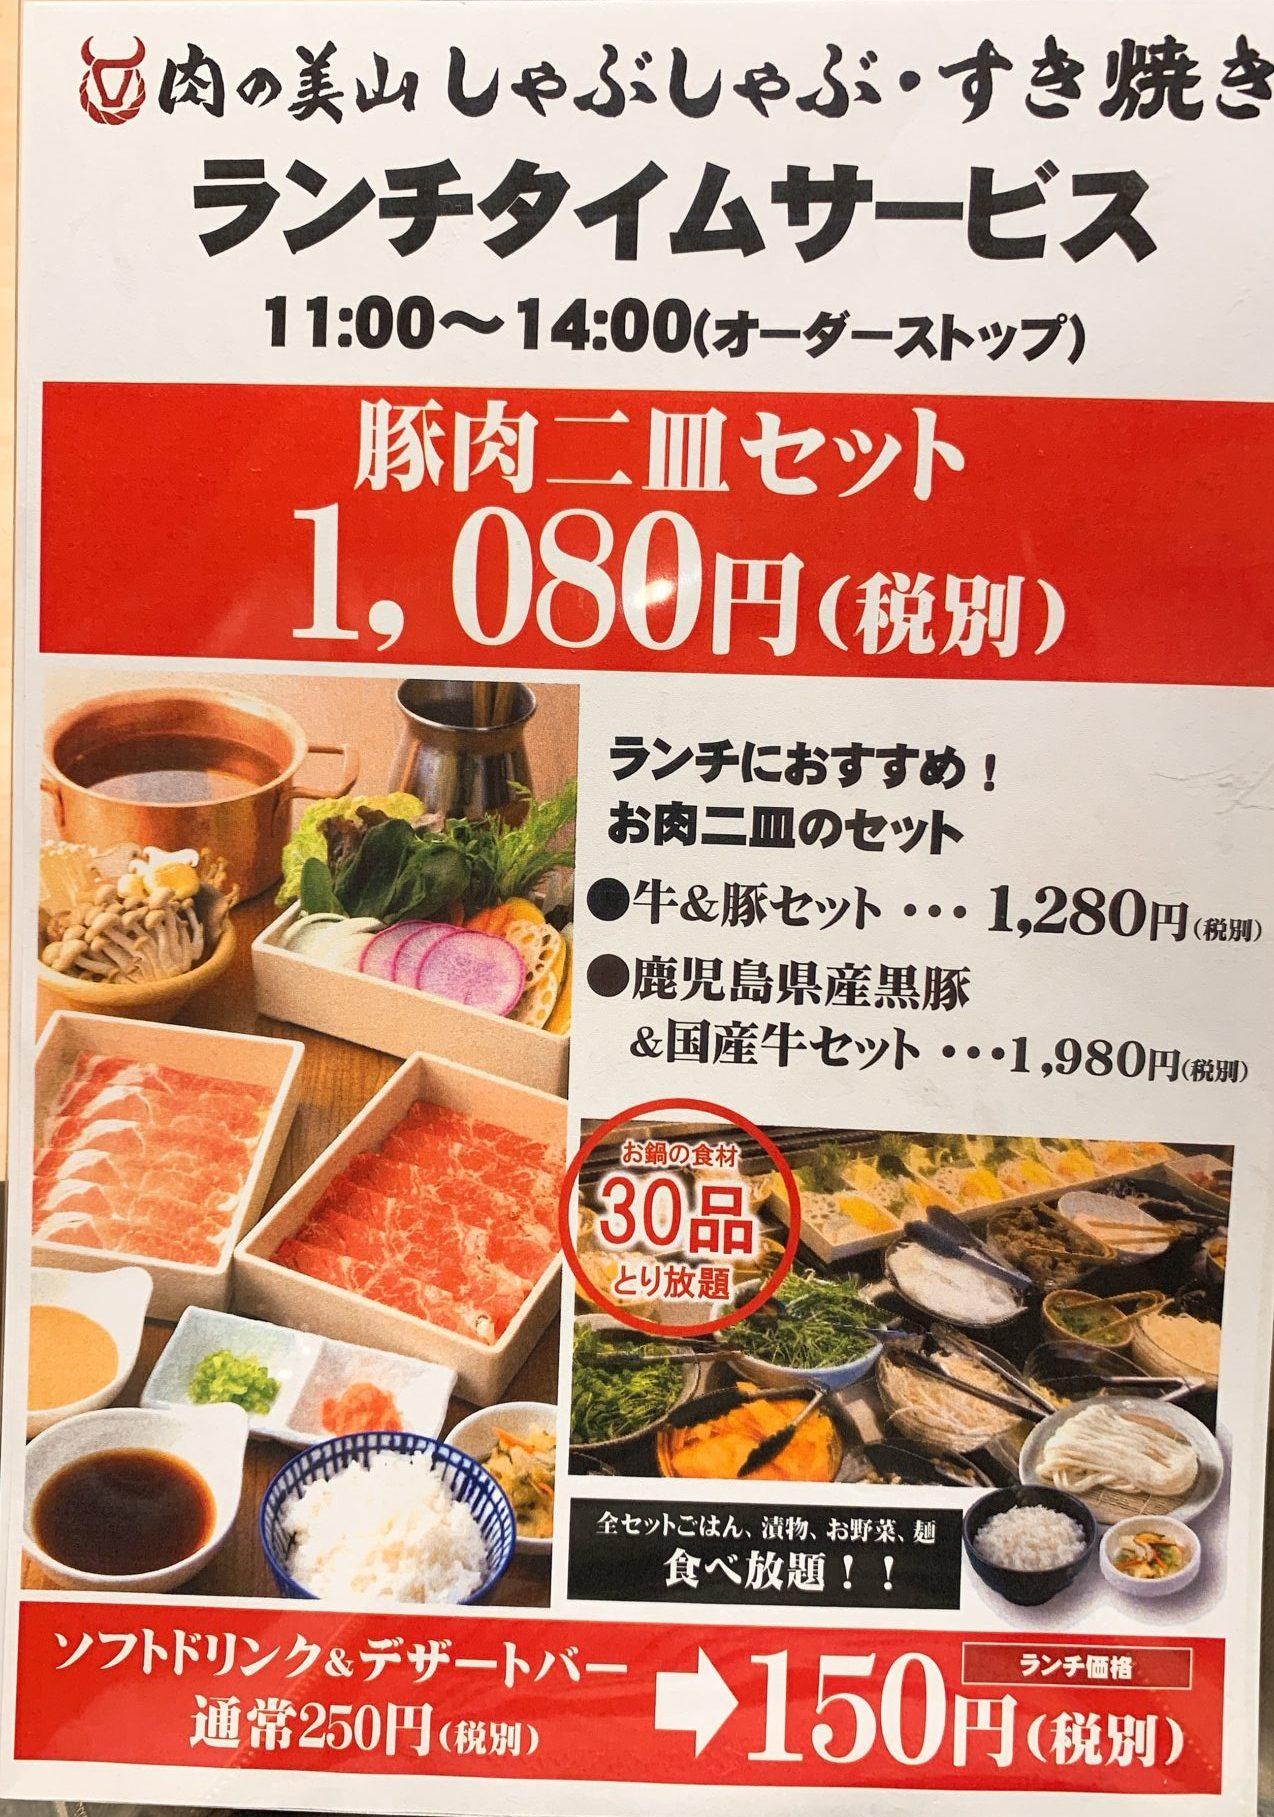 肉の美山水島店ランチタイムサービス